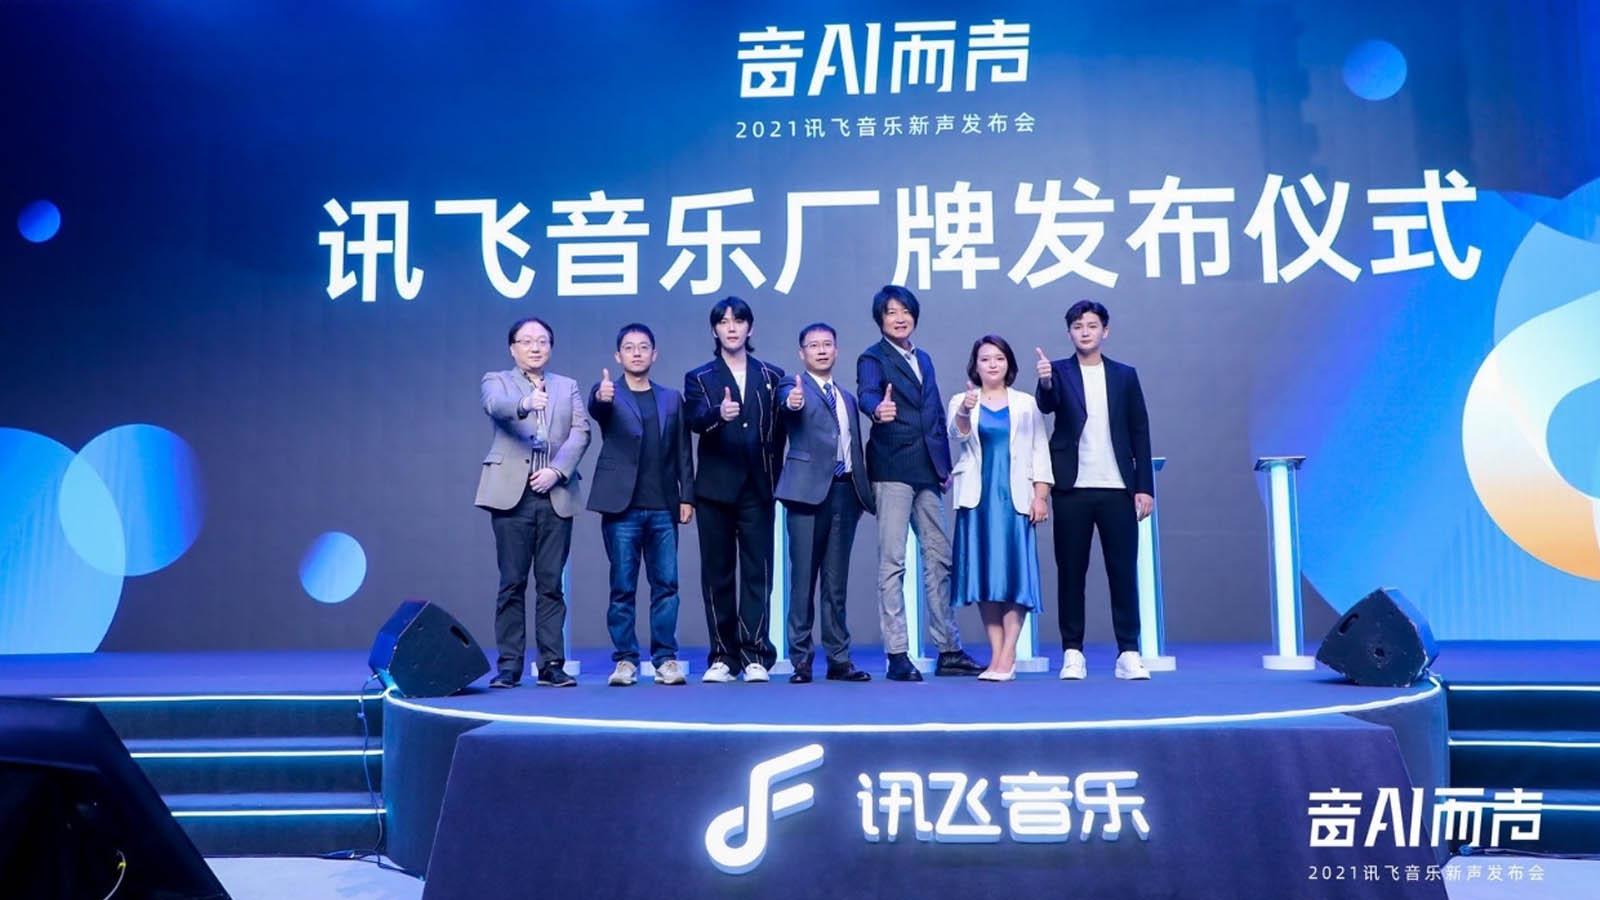 """技术助力,""""音AI而声"""":2021讯飞音乐新声发布会今日举行"""